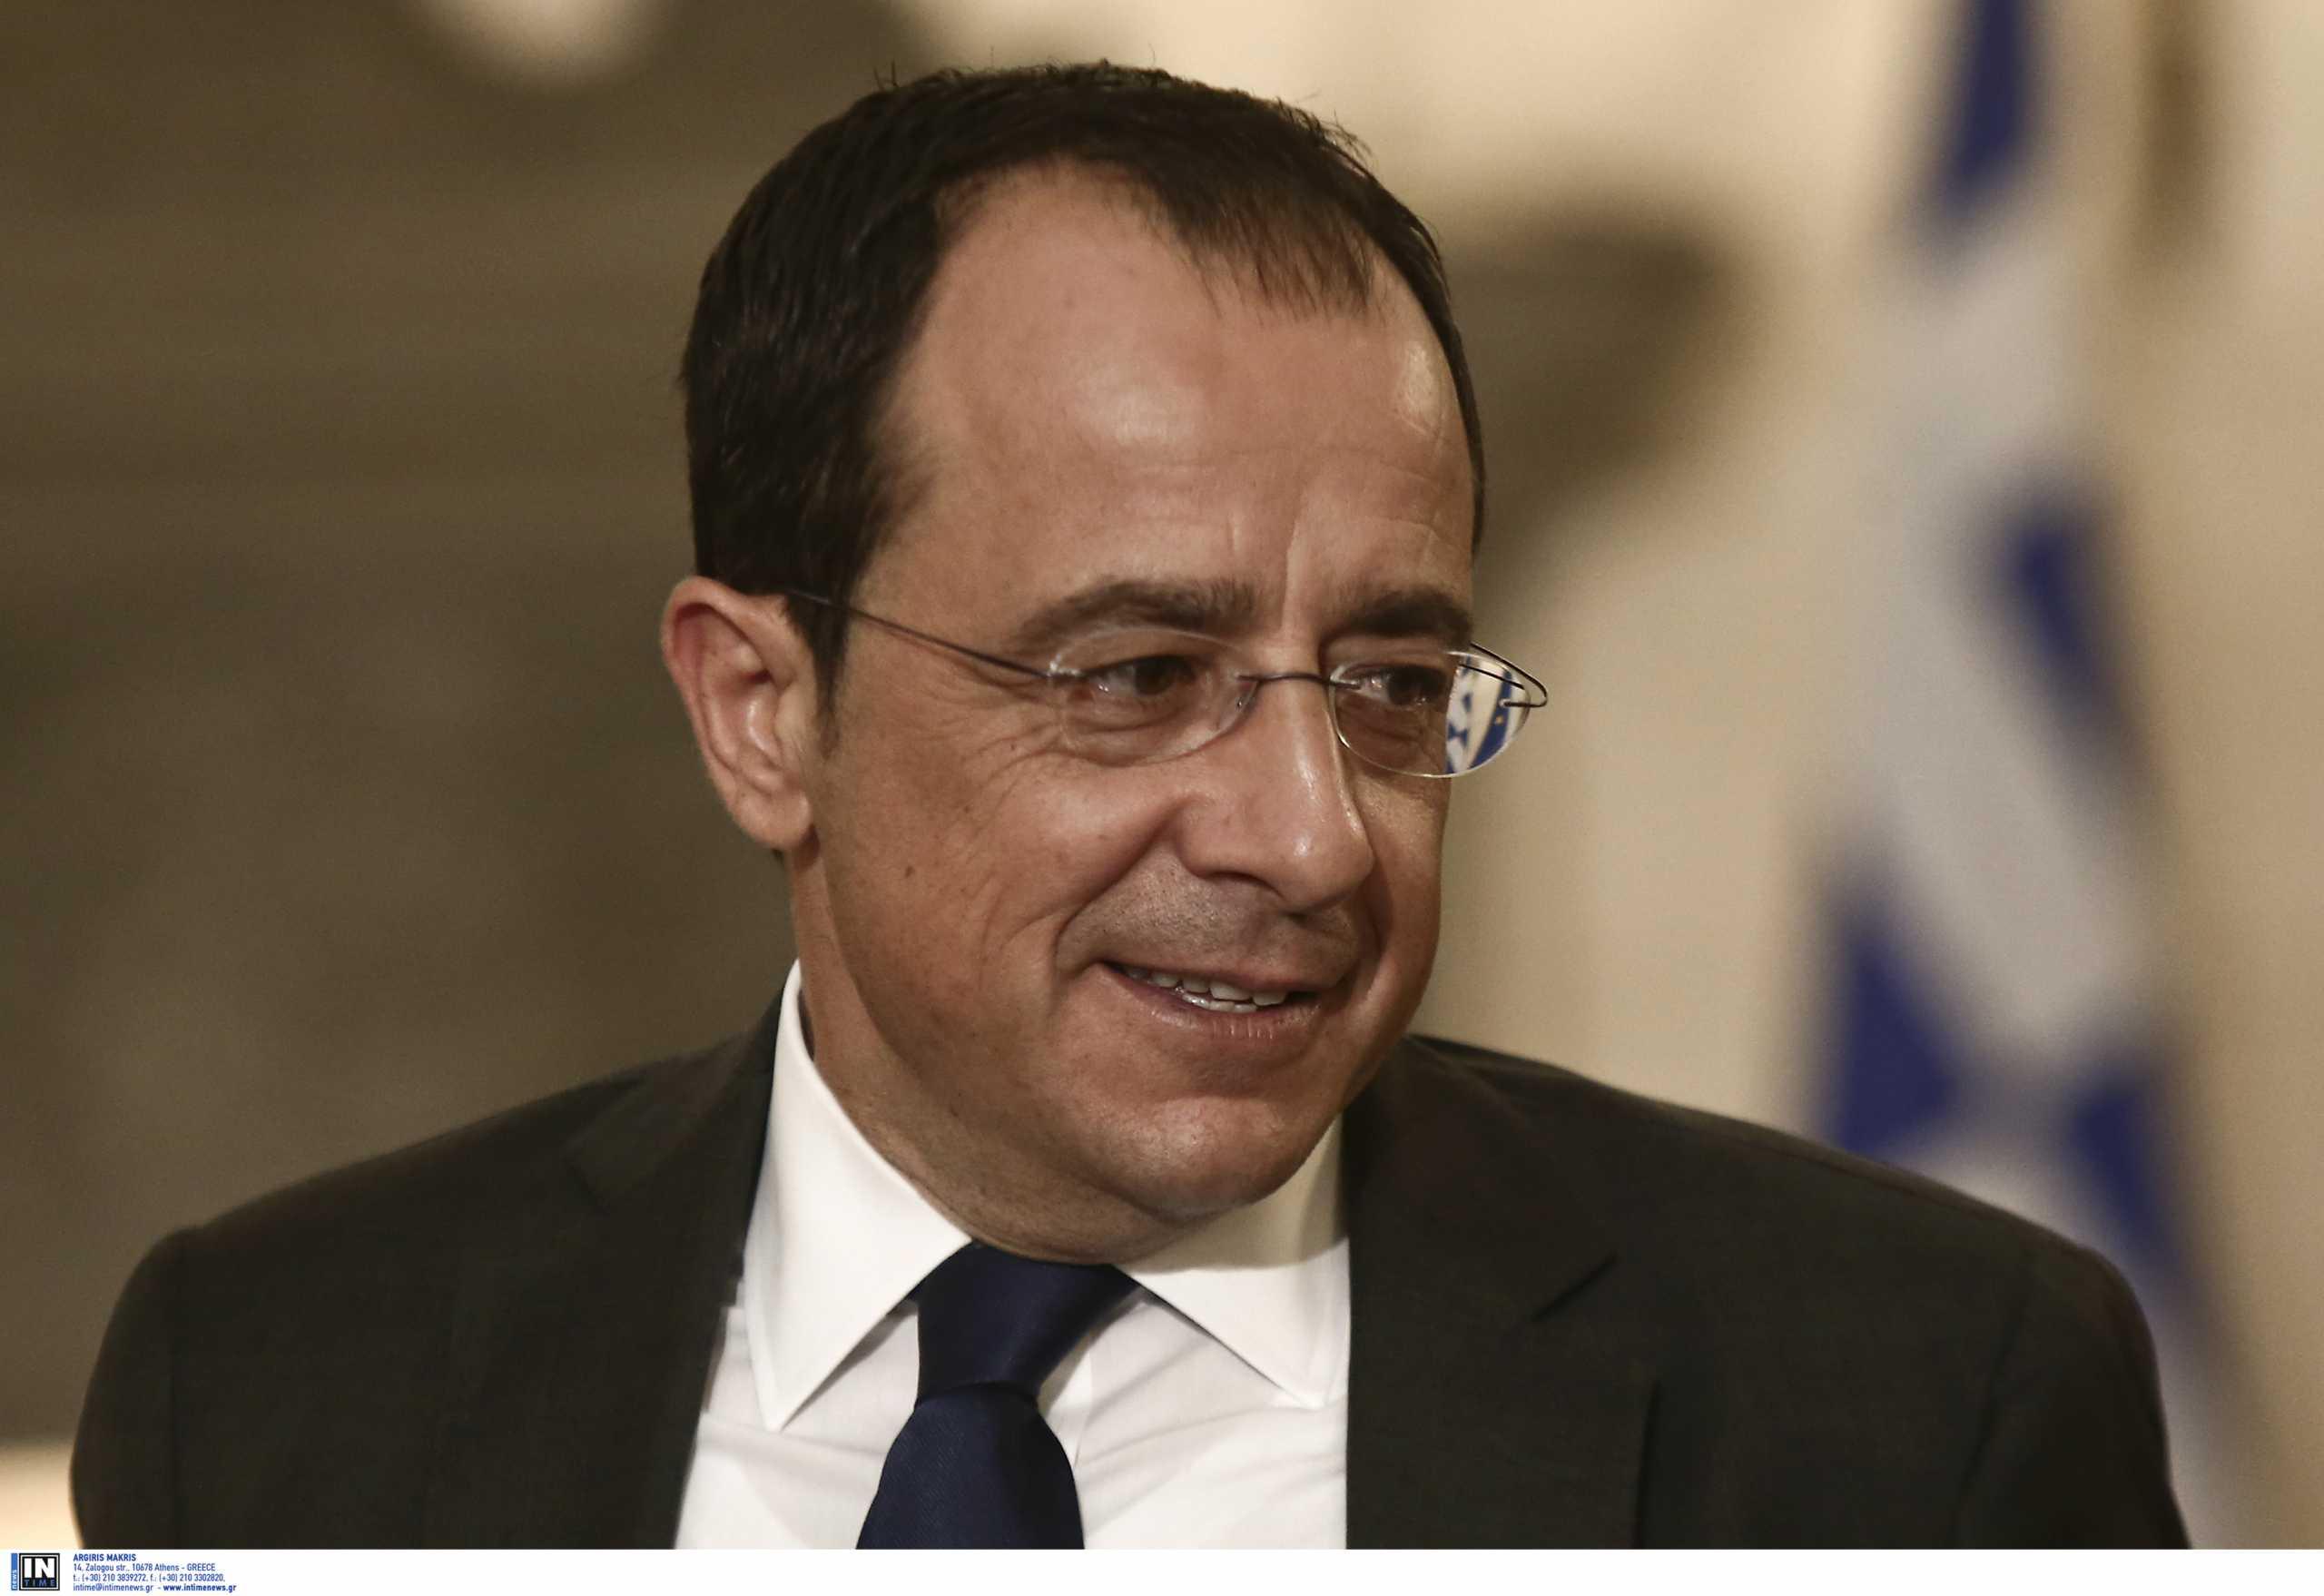 Τον πρόεδρο της Αιγύπτου συνάντησε ο Κύπριος ΥΠΕΞ